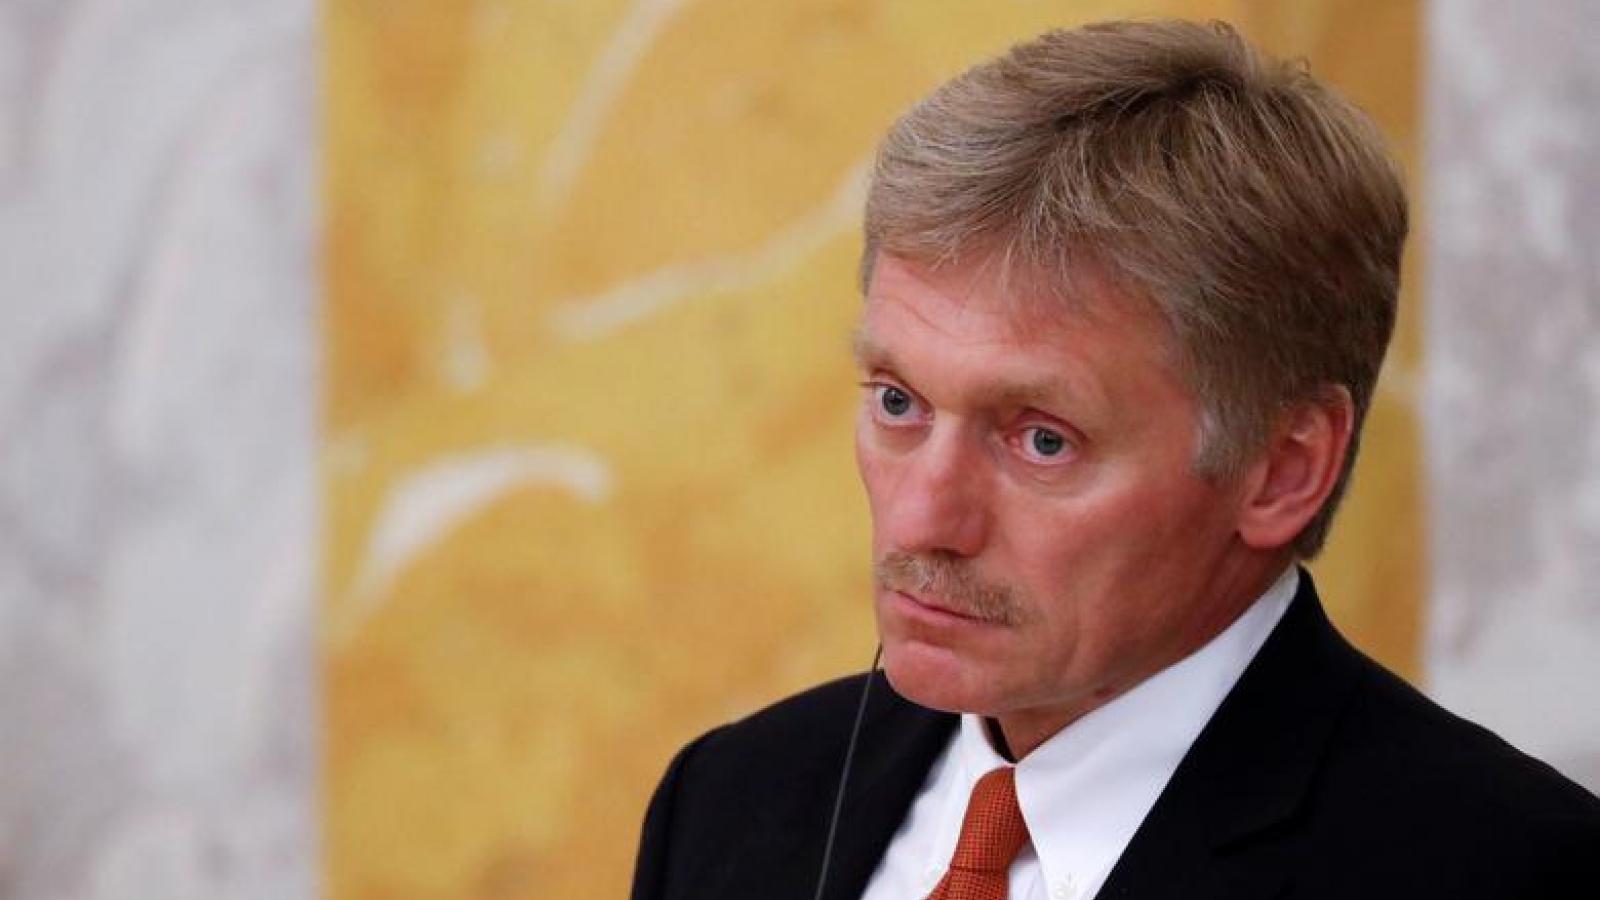 Nga vẫn chưa nhất trí được với Mỹ về gia hạn Hiệp ước START mới